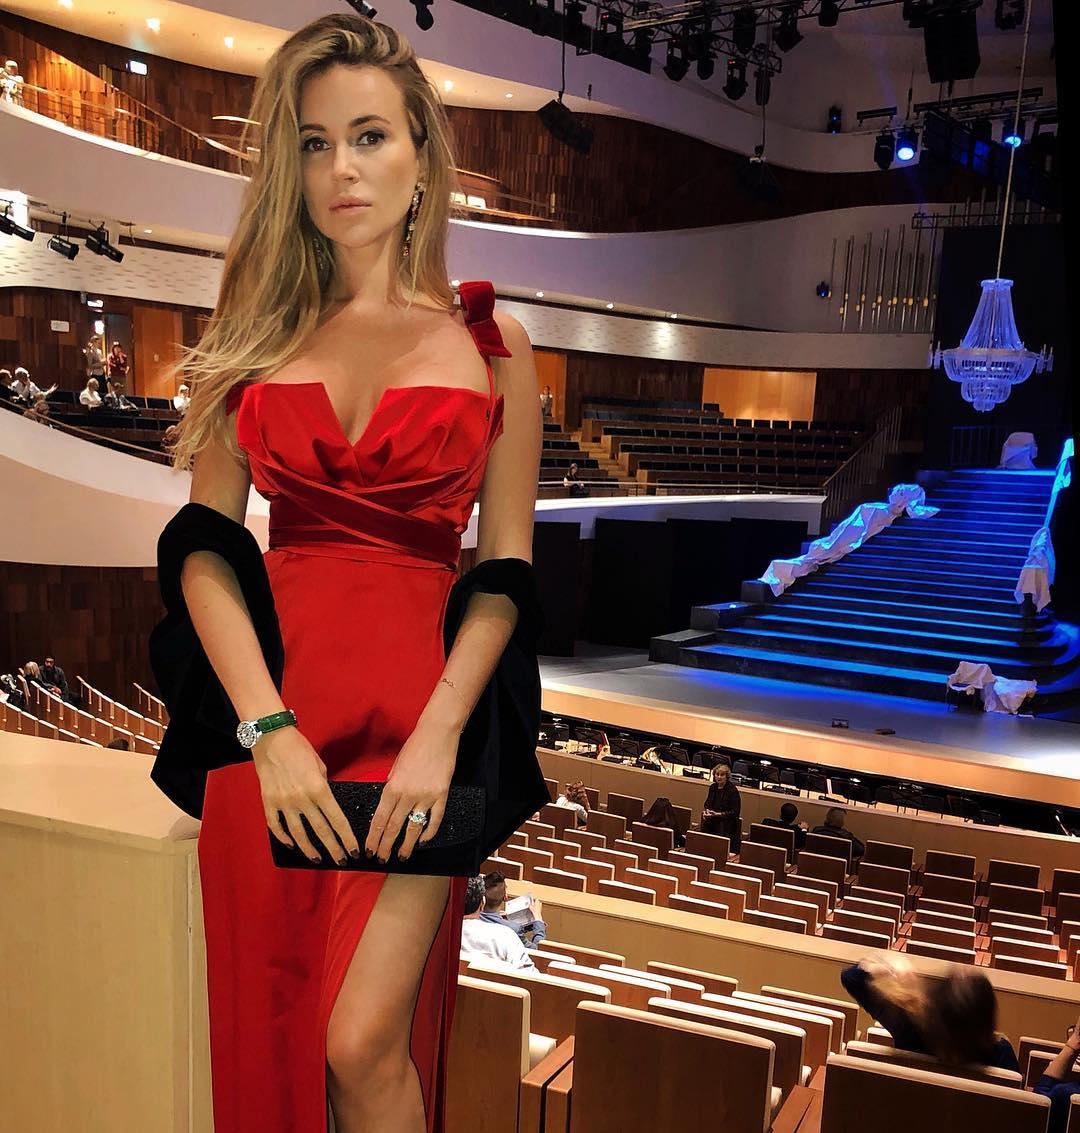 Эмилия вишневская и фридман фото